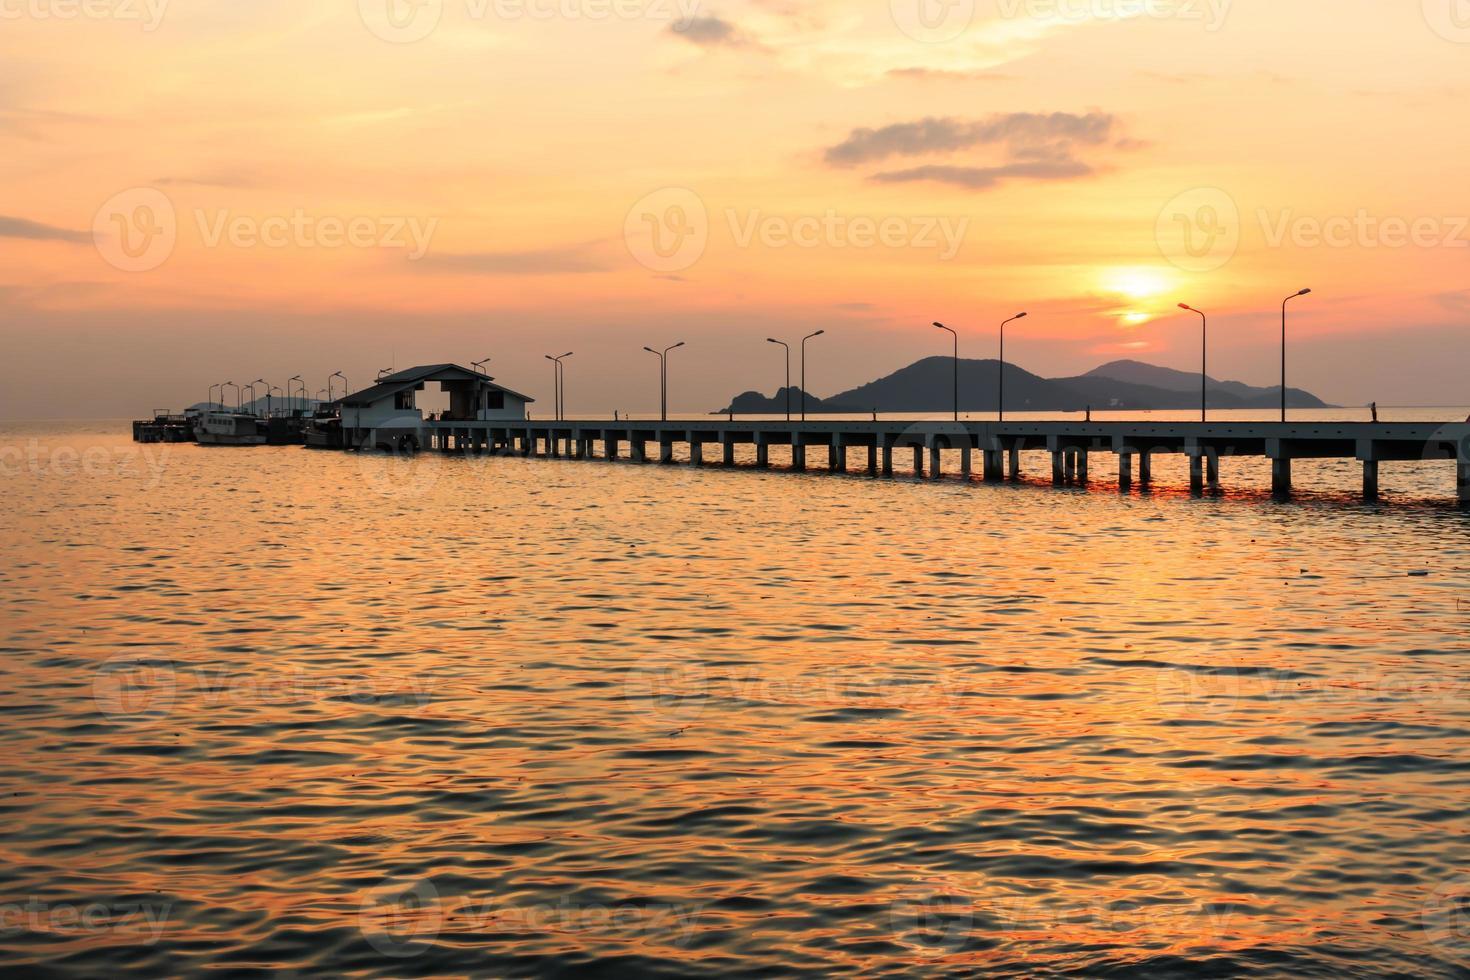 coucher de soleil derrière un petit navire portuaire et un lampadaire photo